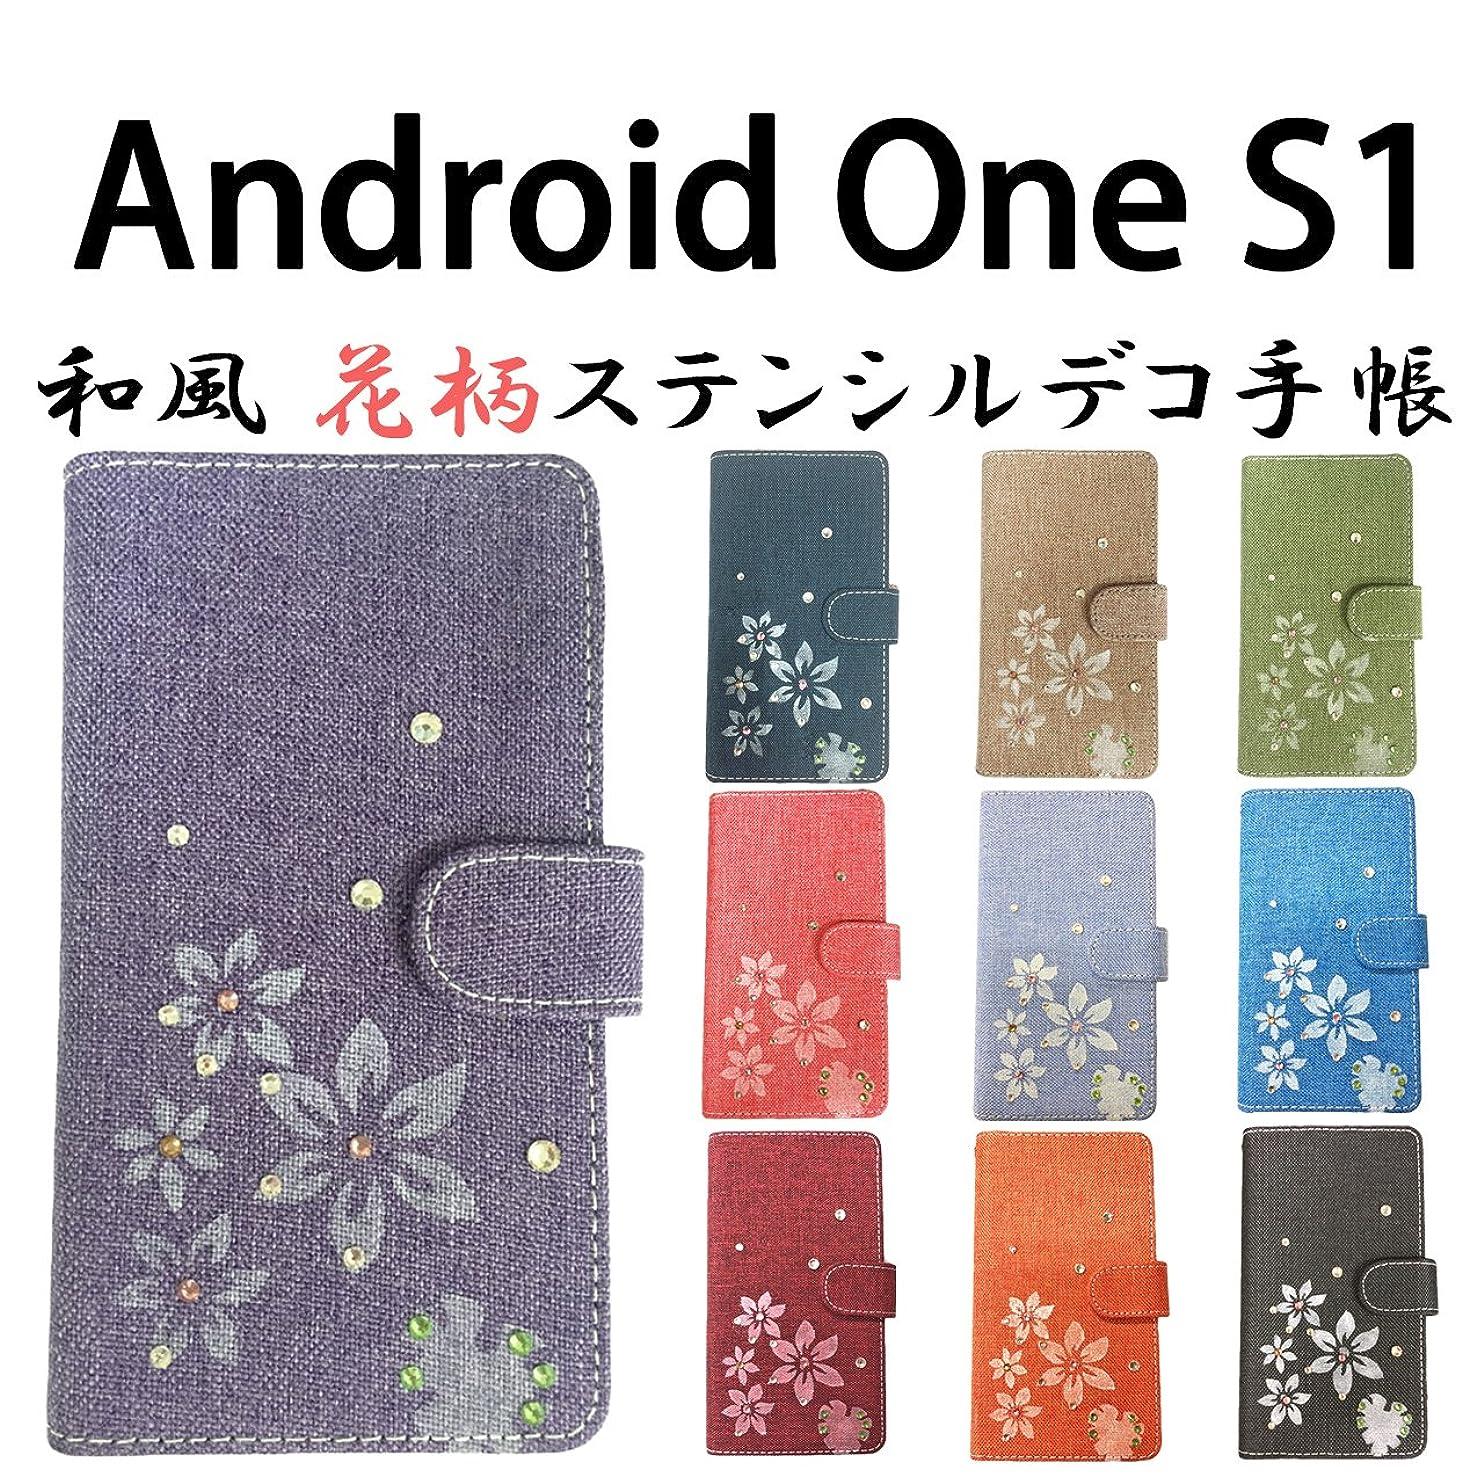 練習申し立て時『強化ガラスフィルム付き』 Android One S1 用 和風花柄ステンシルデコ オーダーメイド 手帳型ケース 桔梗 黒シリコン内蔵 [ Ymobile 和風 花柄 ステンシル AndroidOneS1 OneS1 AndroidOneS1 スマホ スマートフォン ケース カバー 手帳 アンドロイドワンS1 シリコン 手作り ]